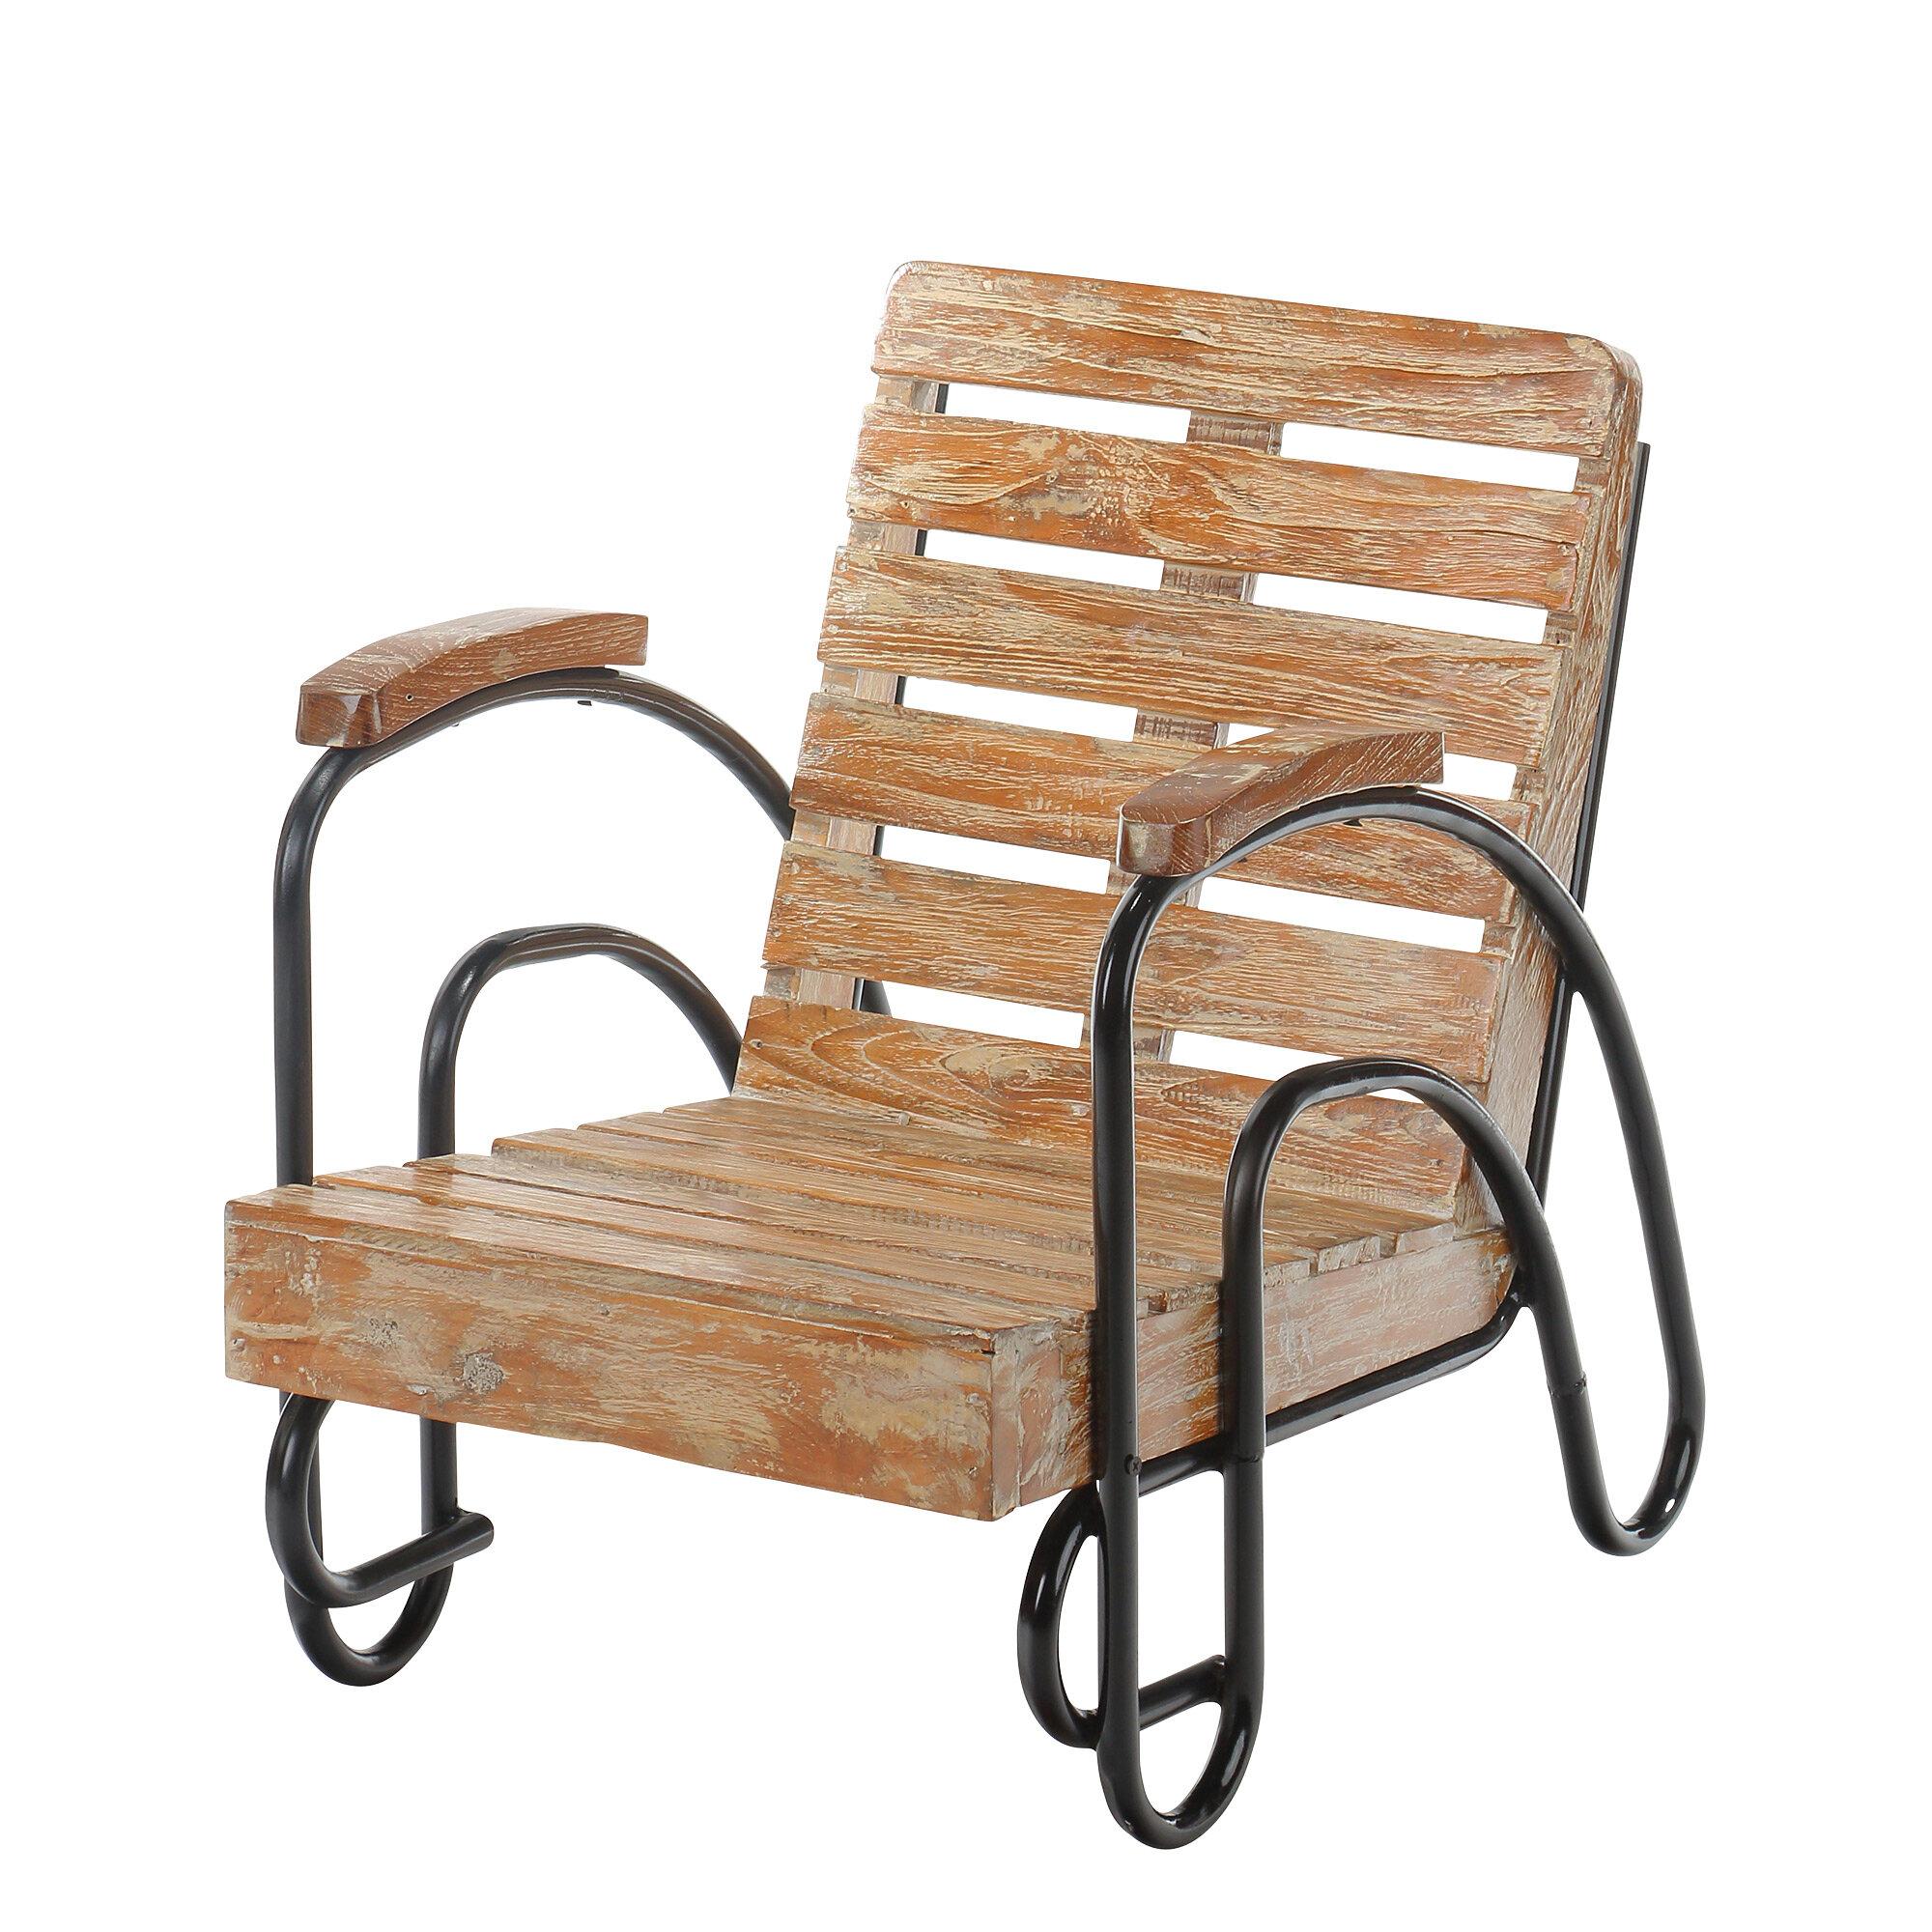 Harriet Bee Coeburn Wood Slat Patio Lounge Chair & Reviews